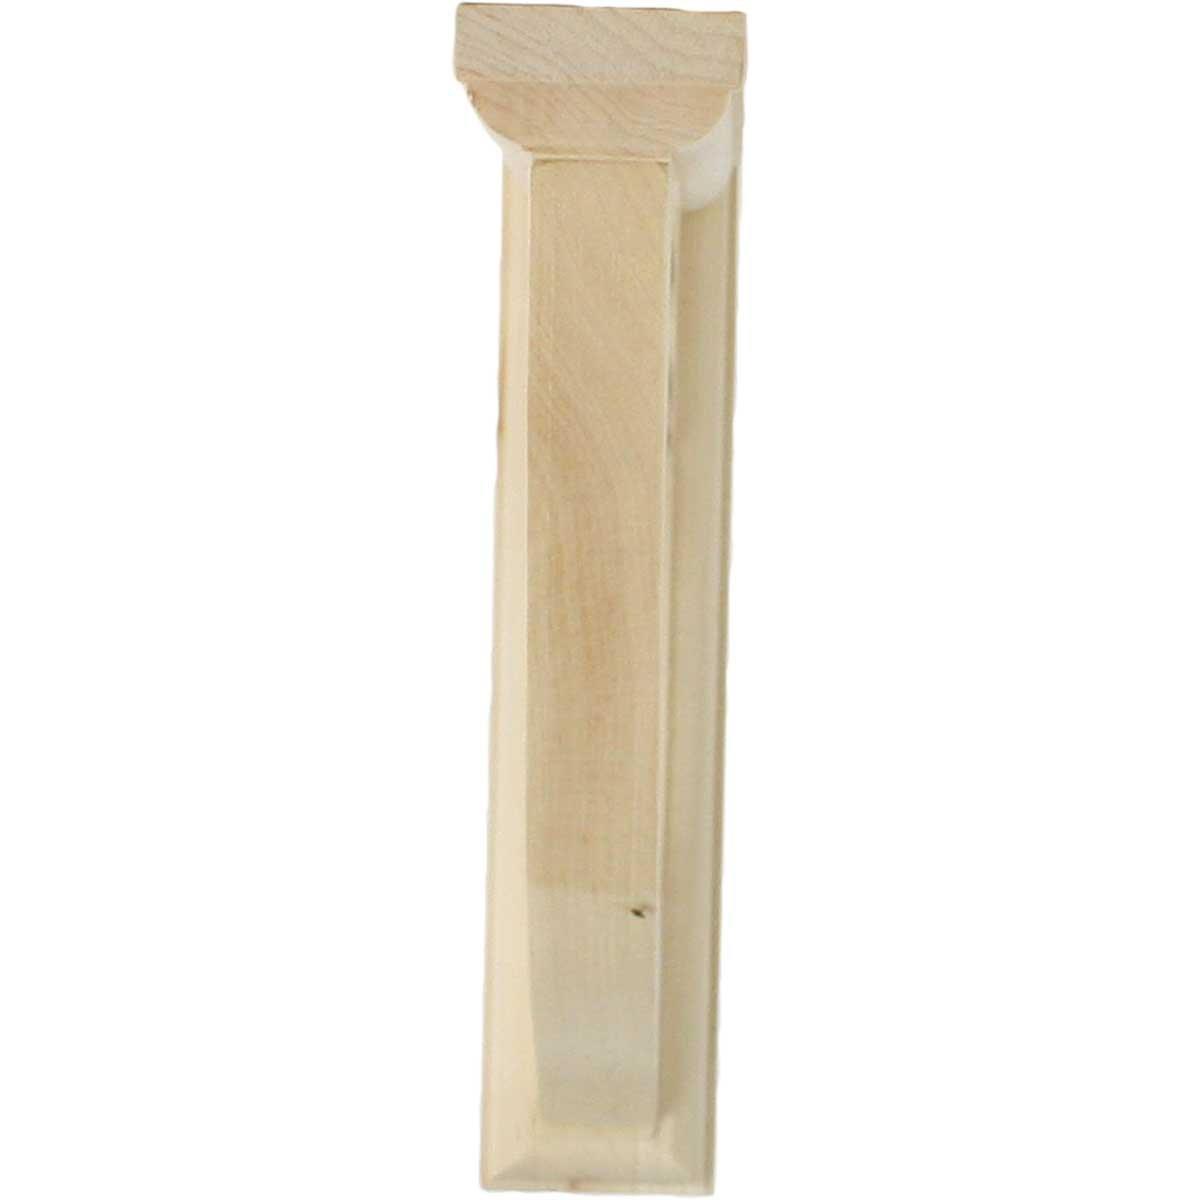 Rubberwood Ekena Millwork BKT01X07X07ADRW-CASE-6 1 1//2 W D x 7 H Andrea Wagon Wheel Bracket Piece 6-Pack